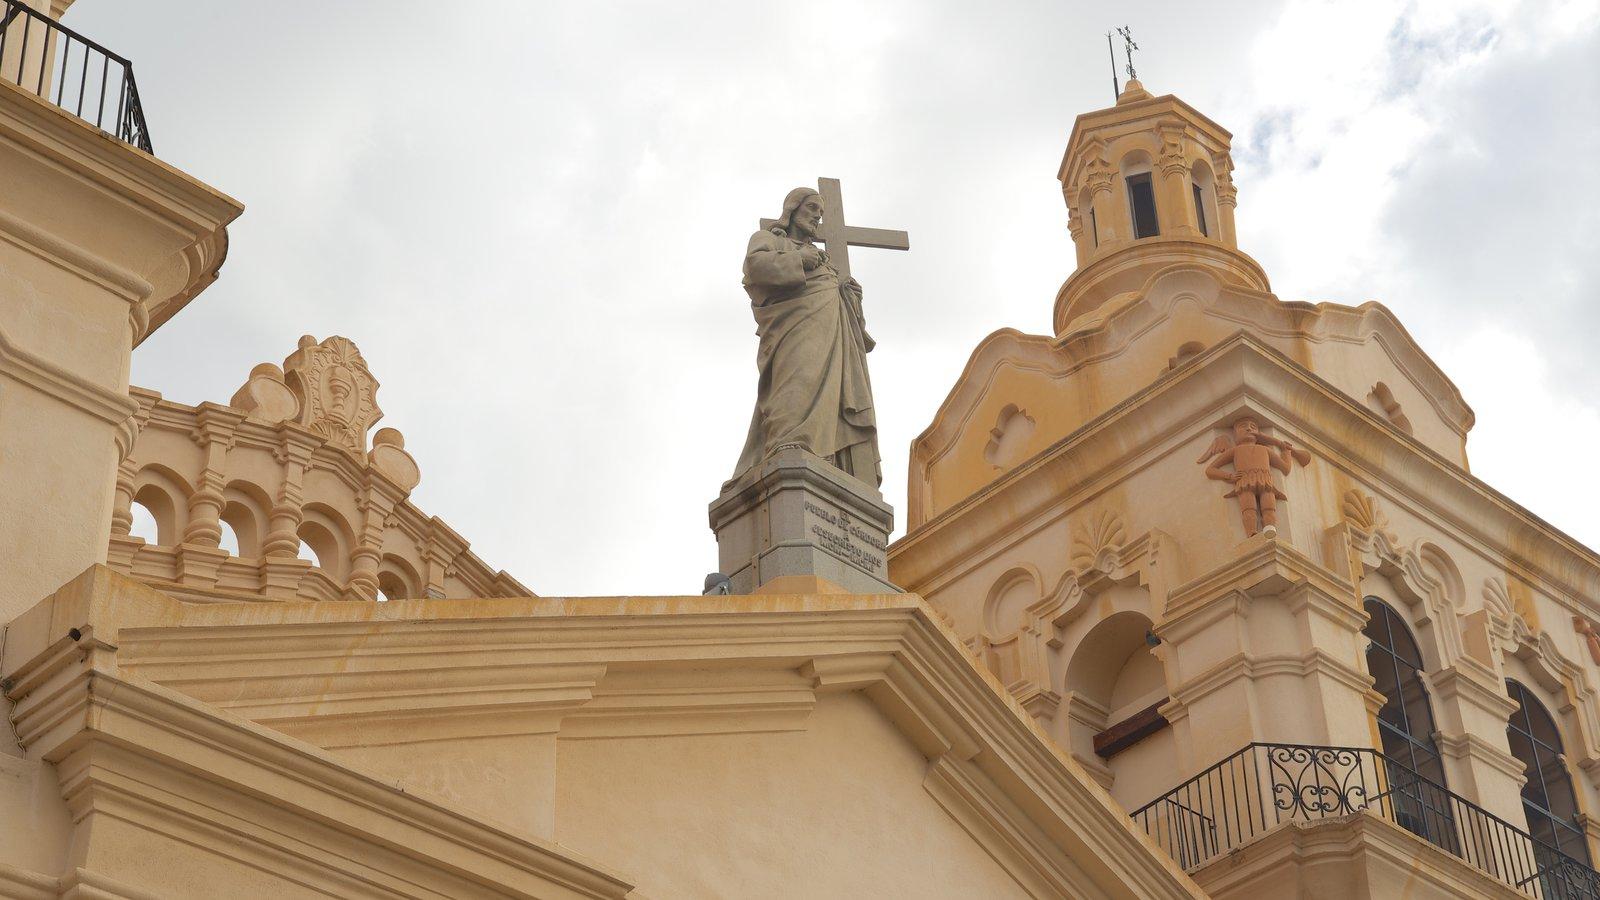 Catedral de Cordoba caracterizando uma igreja ou catedral, aspectos religiosos e arquitetura de patrimônio